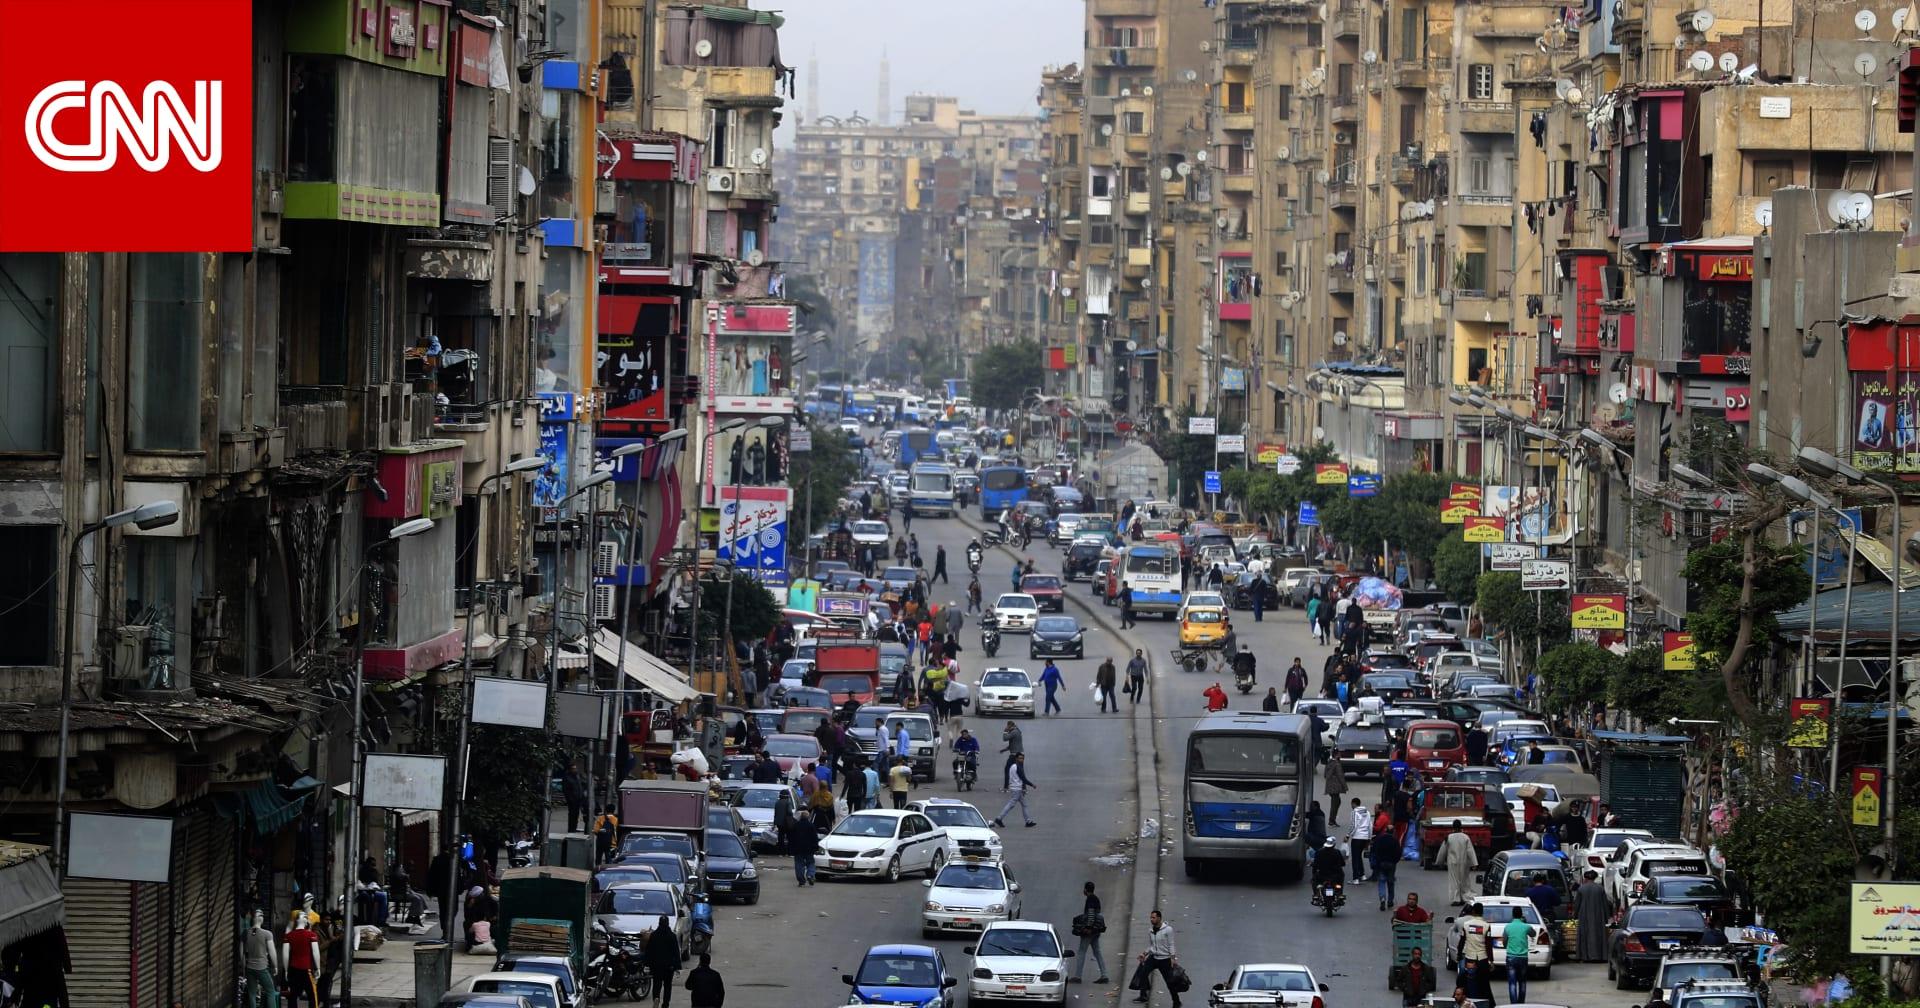 مصر: زيادة معدل الوفيات خلال النصف الأول من 2021.. والسكان 102 مليون نسمة